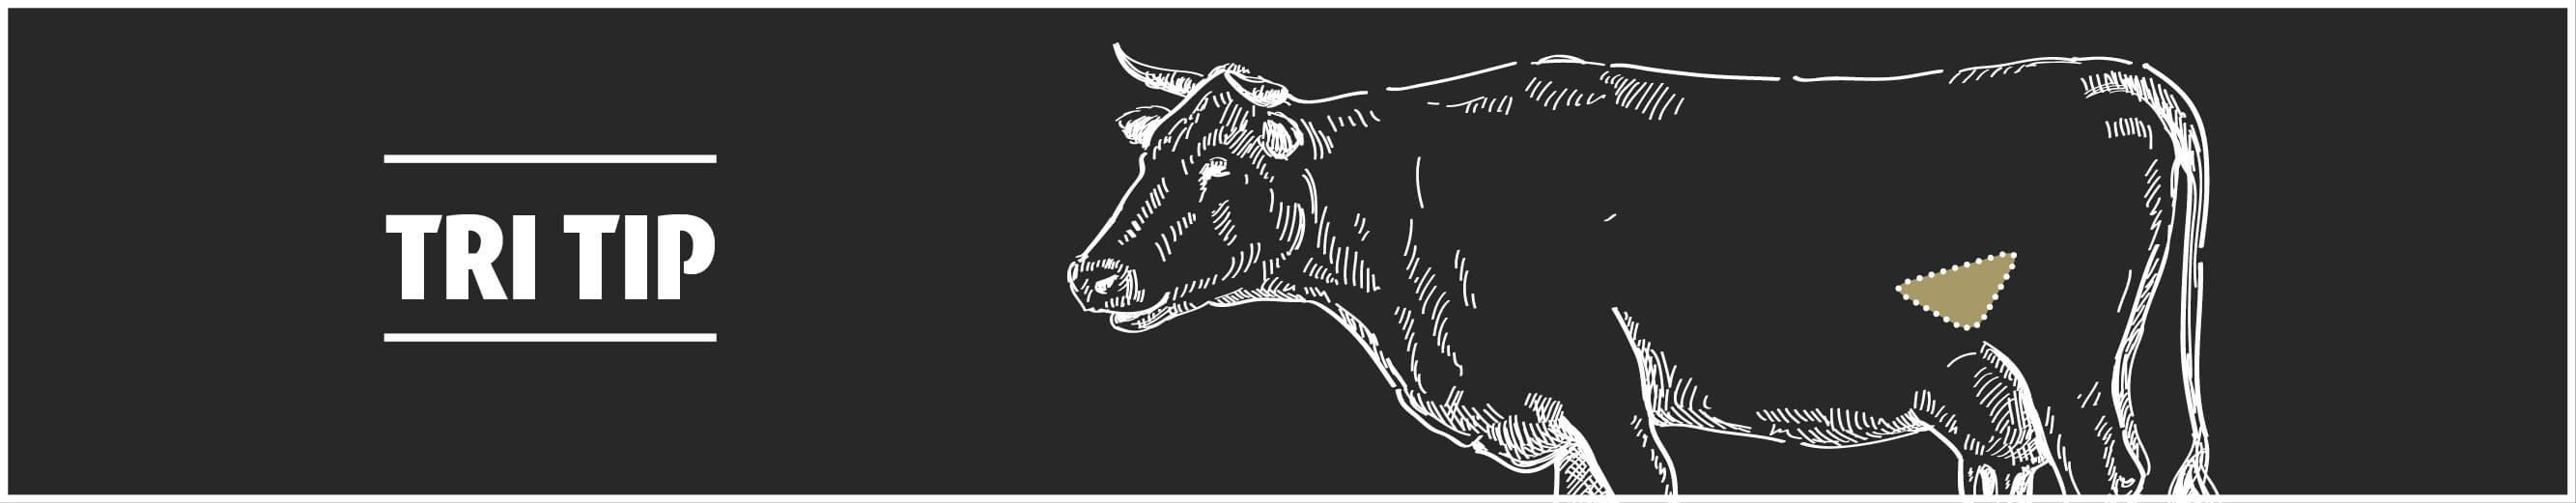 Tri Tip online kaufen bei Don Carne.de » Nur allerbeste Qualität ✔ Sichere & schnelle Lieferung ✔ Kontrollierte und zertifizierte Herkunft ✔ Kostenloser Versand ab 99€ Bestellwert ✔